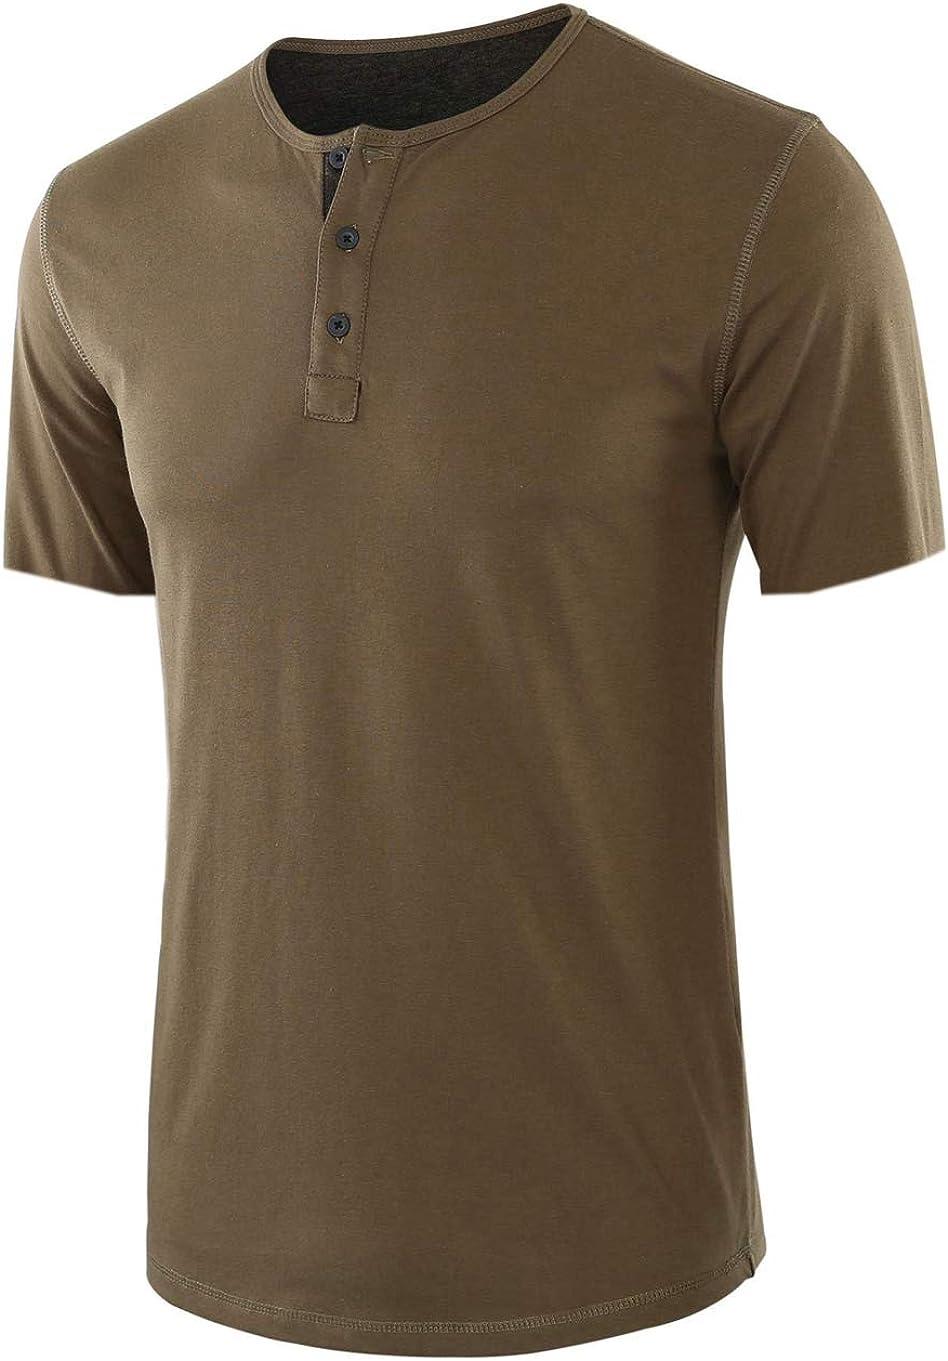 chouyatou Men's Summer Crewneck Button Placket Short Sleeve Cotton Henley T-Shirt